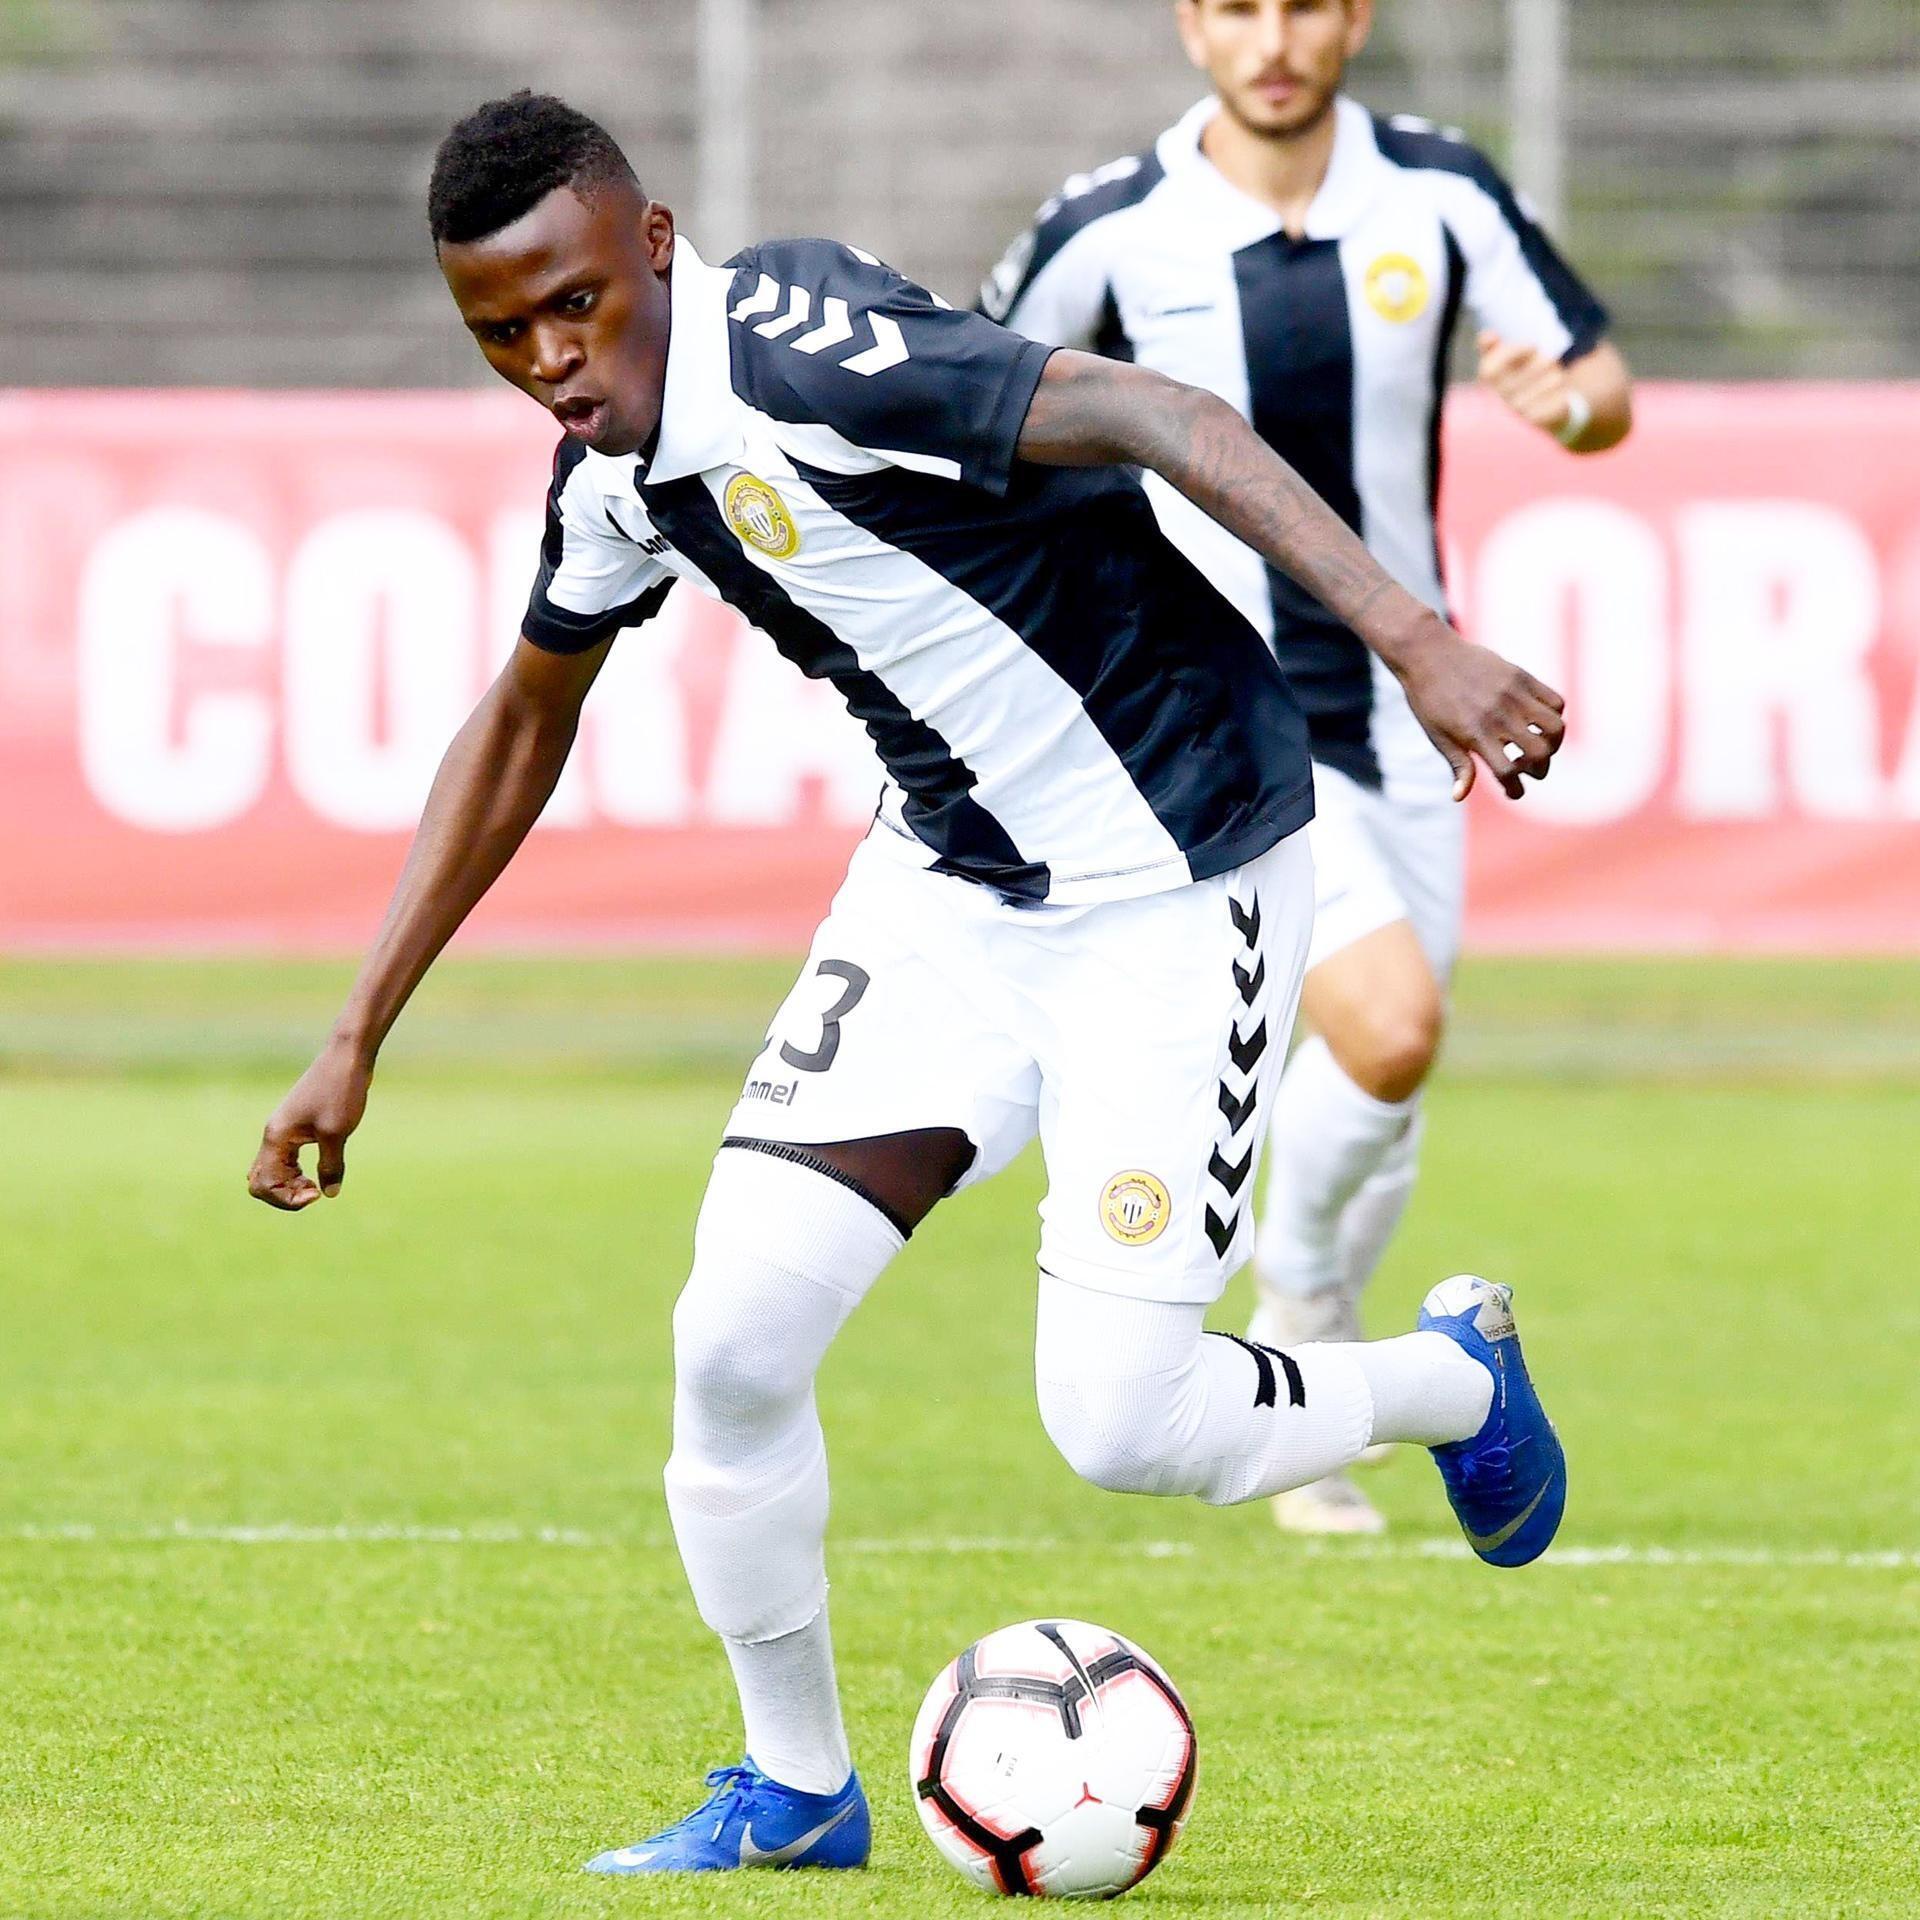 Witi - Moçambique - Nacional da Madeira - Futebol - Desporto - Mambas - Portugal